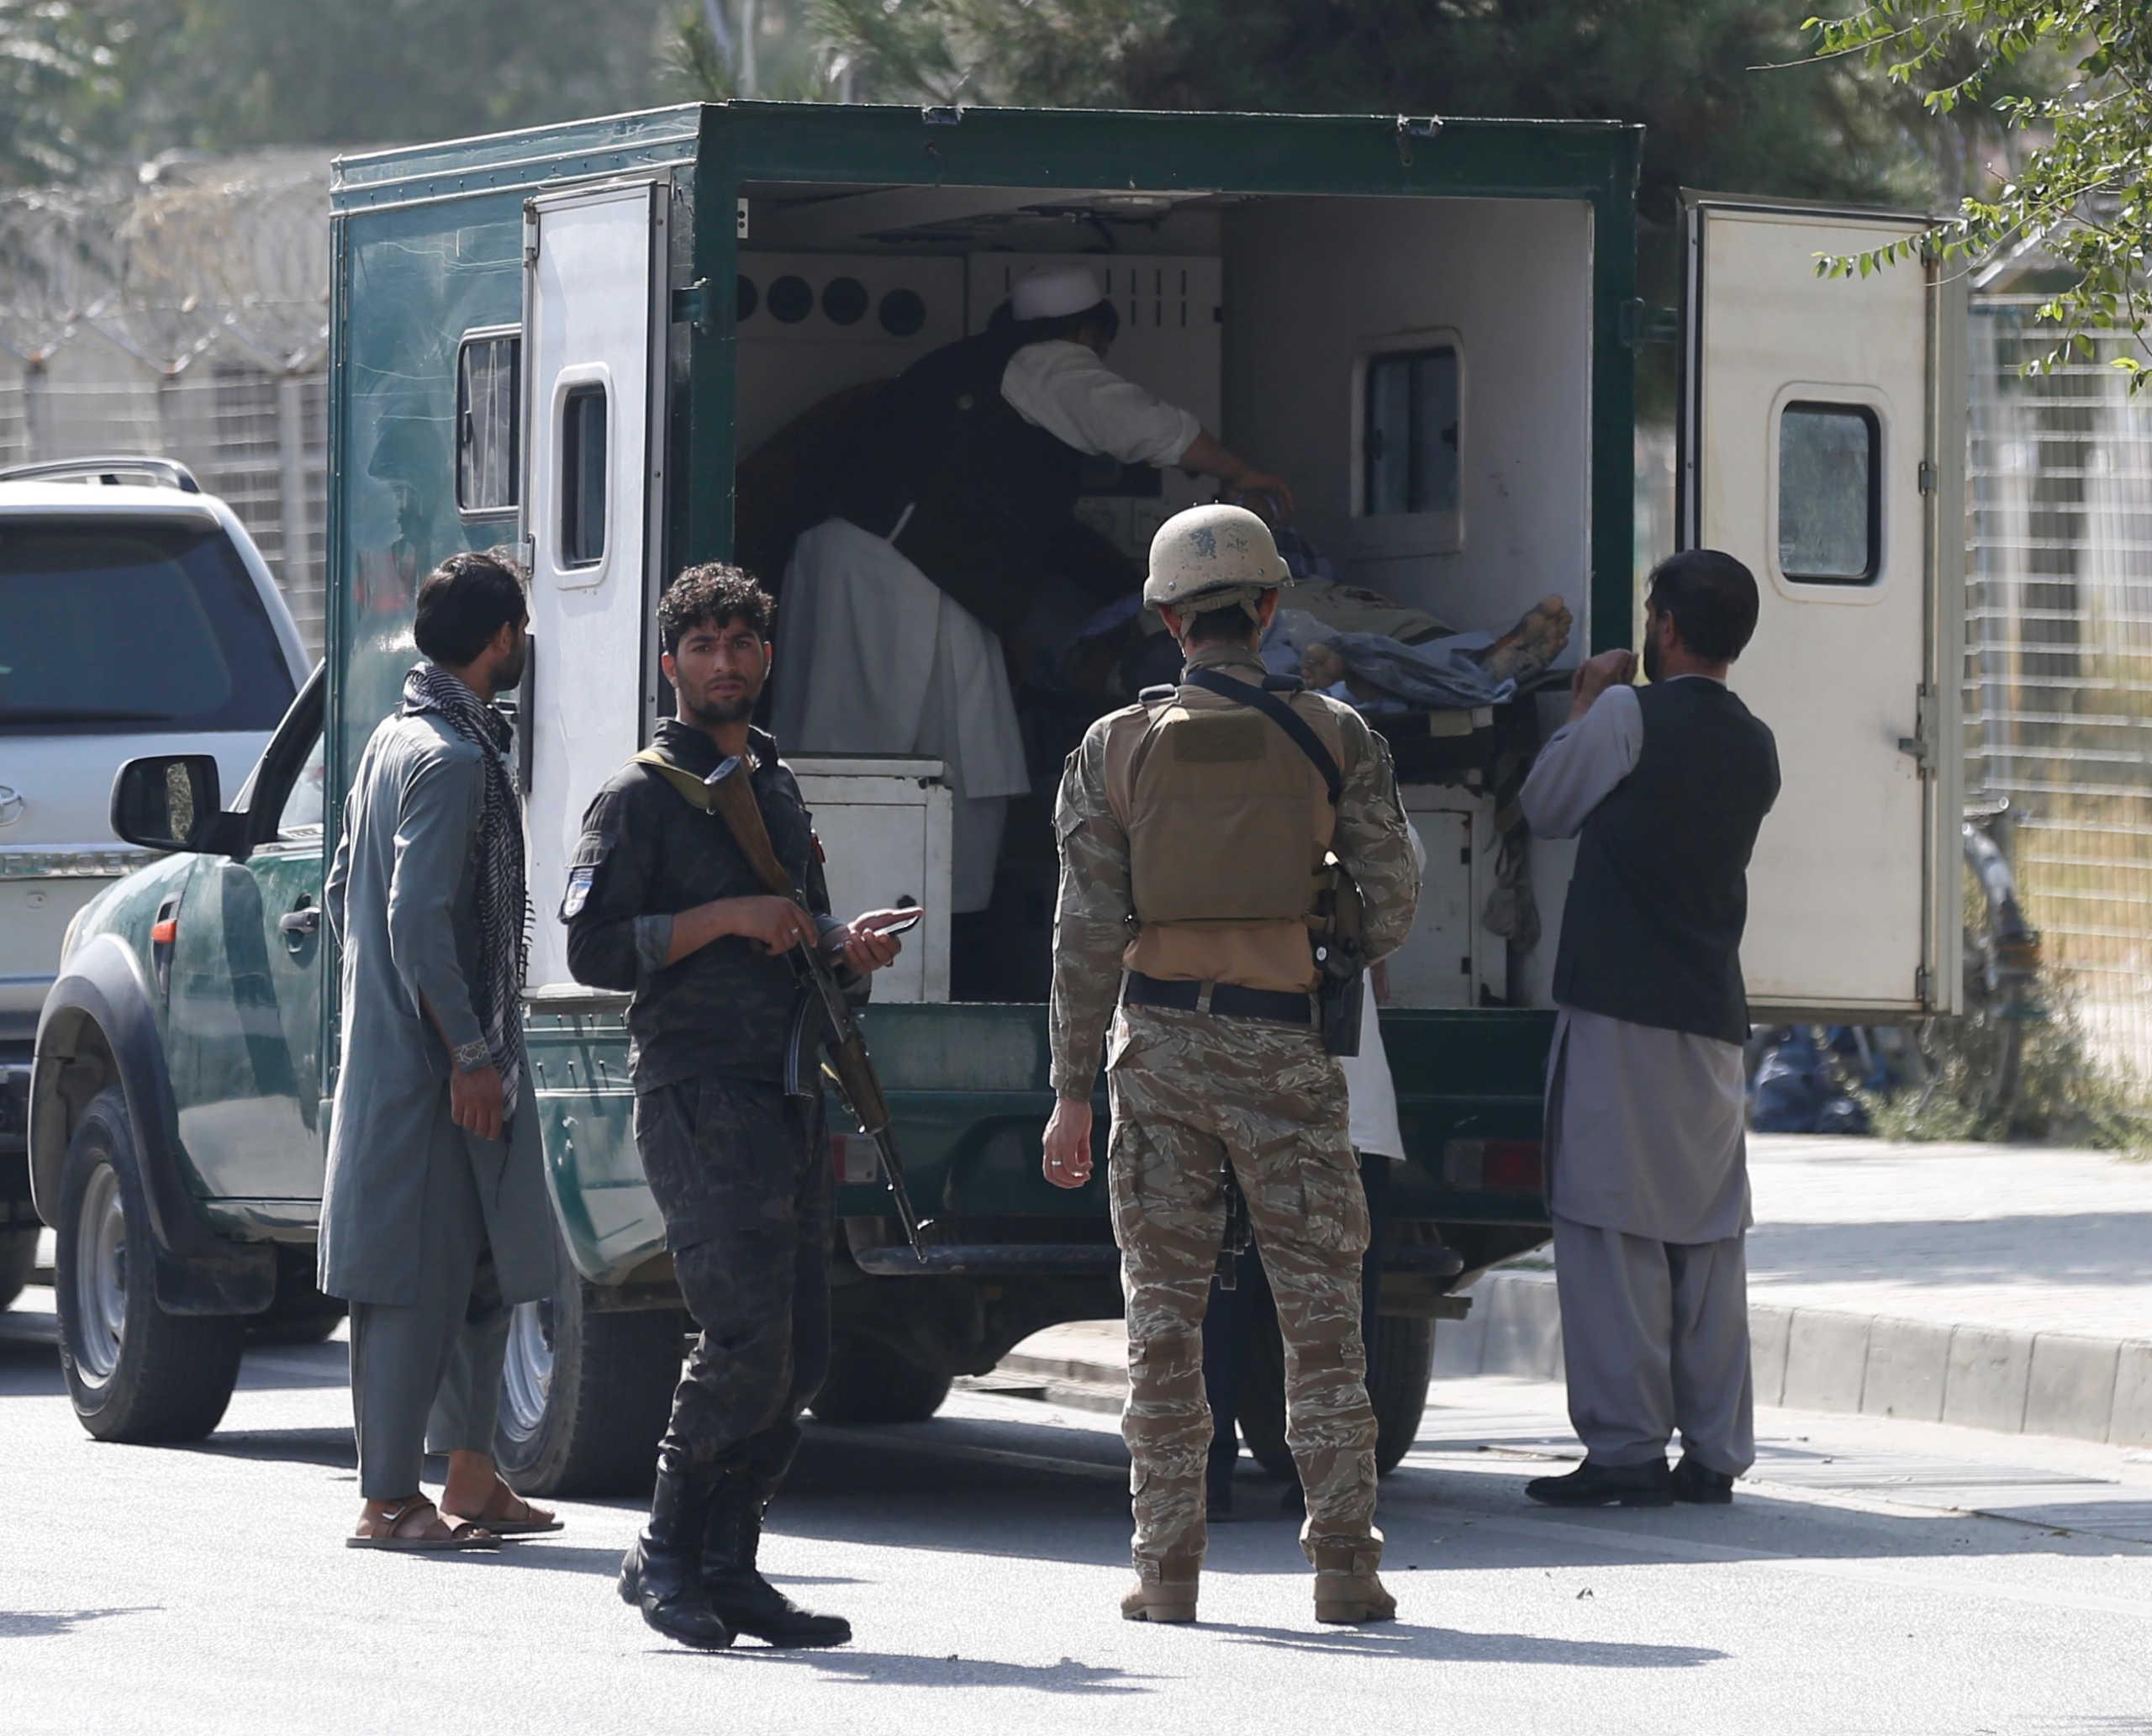 Συνεχίζονται οι ιστορικές διαπραγματεύσεις των Ταλιμπάν με την κυβέρνηση του Αφγανιστάν